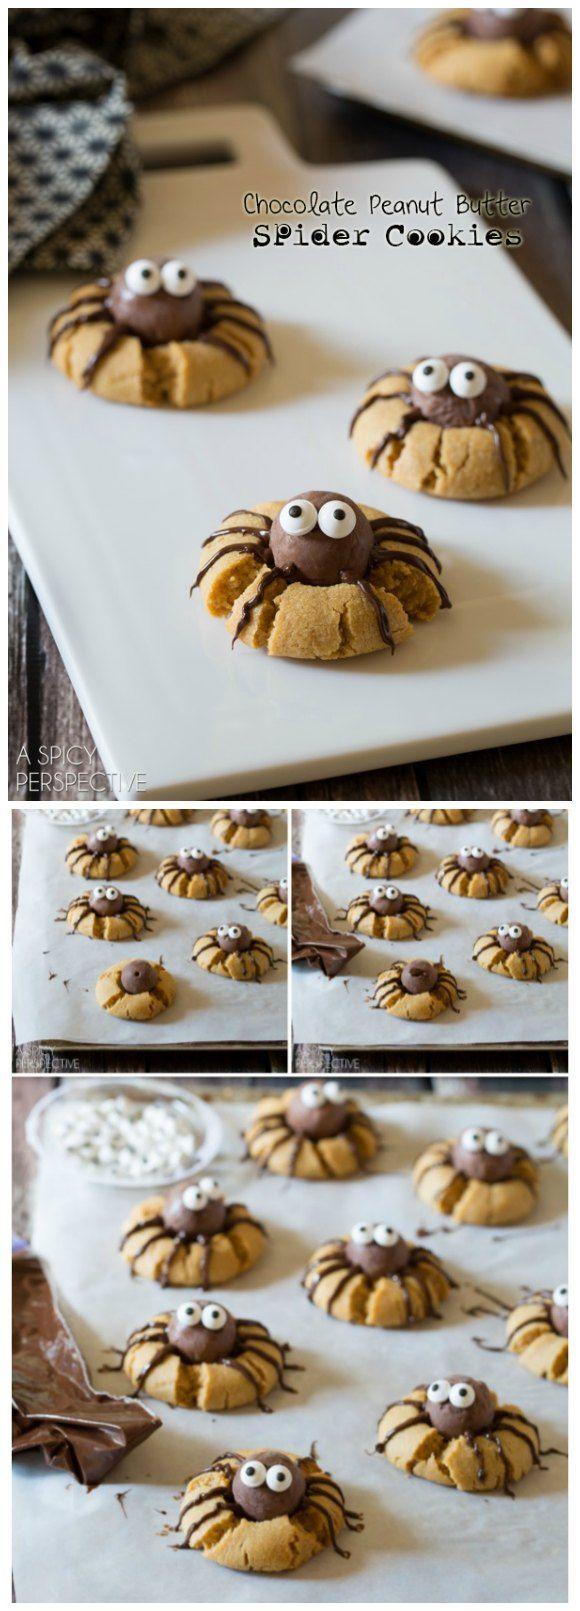 Cookie-araignee